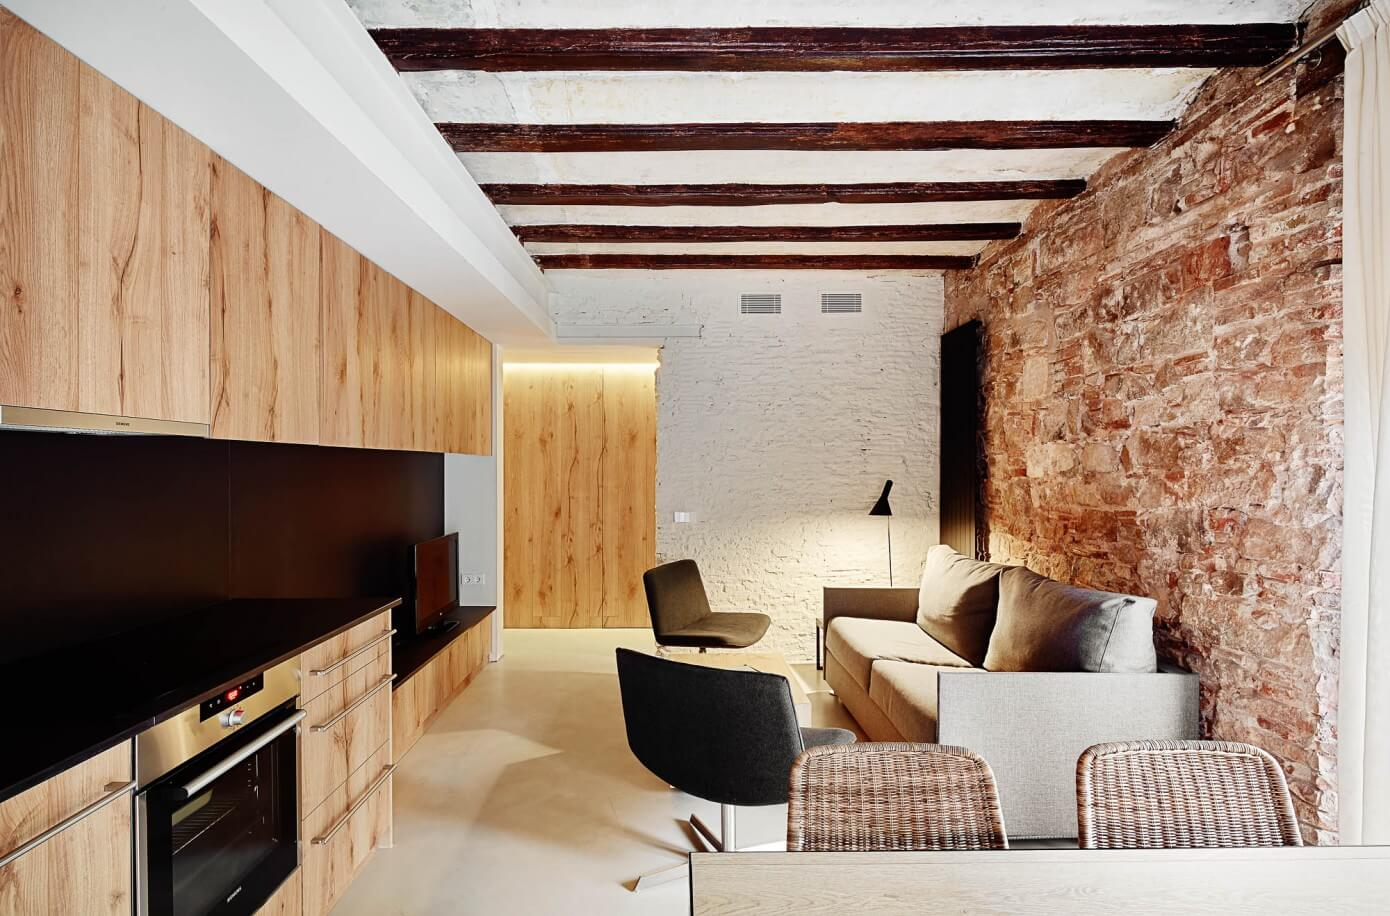 Old bricks and wood interior walls